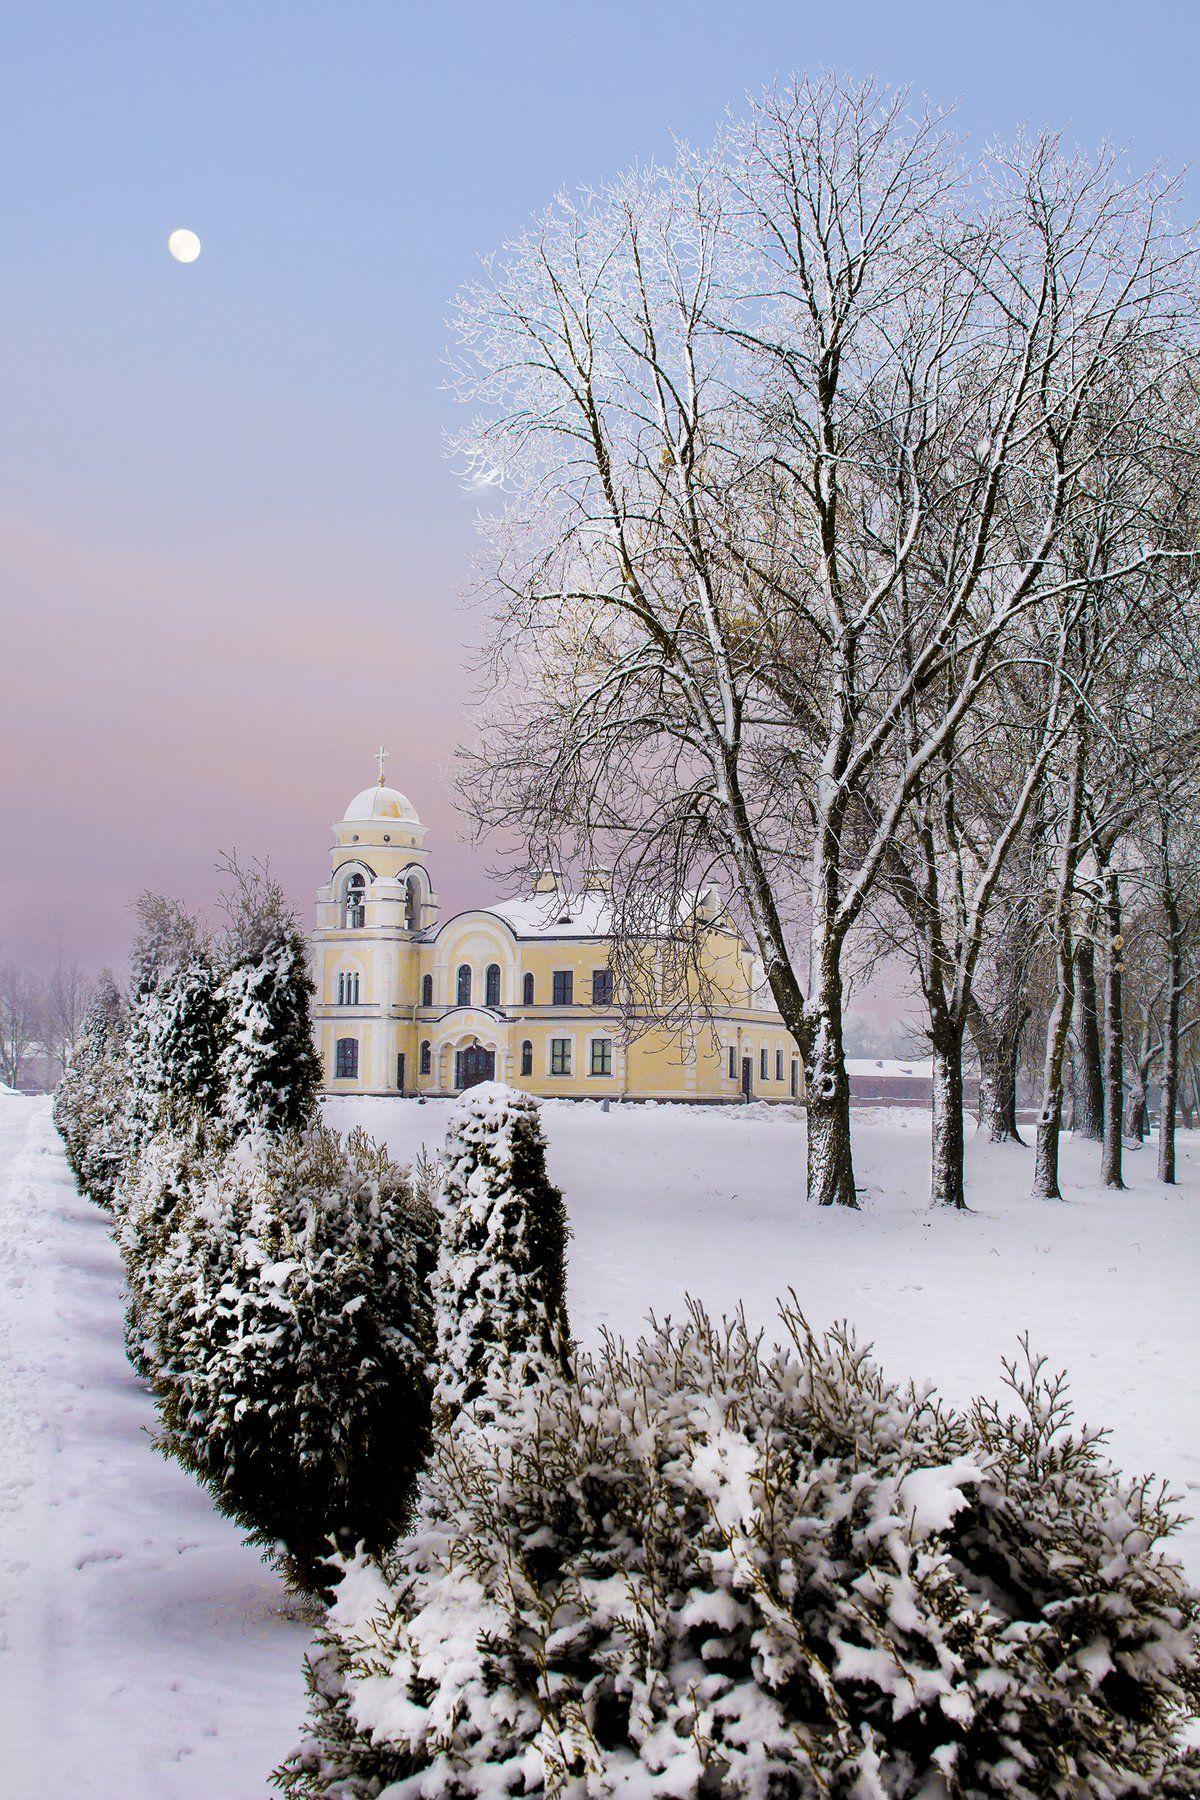 снег, зима, брест, крепость, мороз, церковь,утро,, Фото Брест